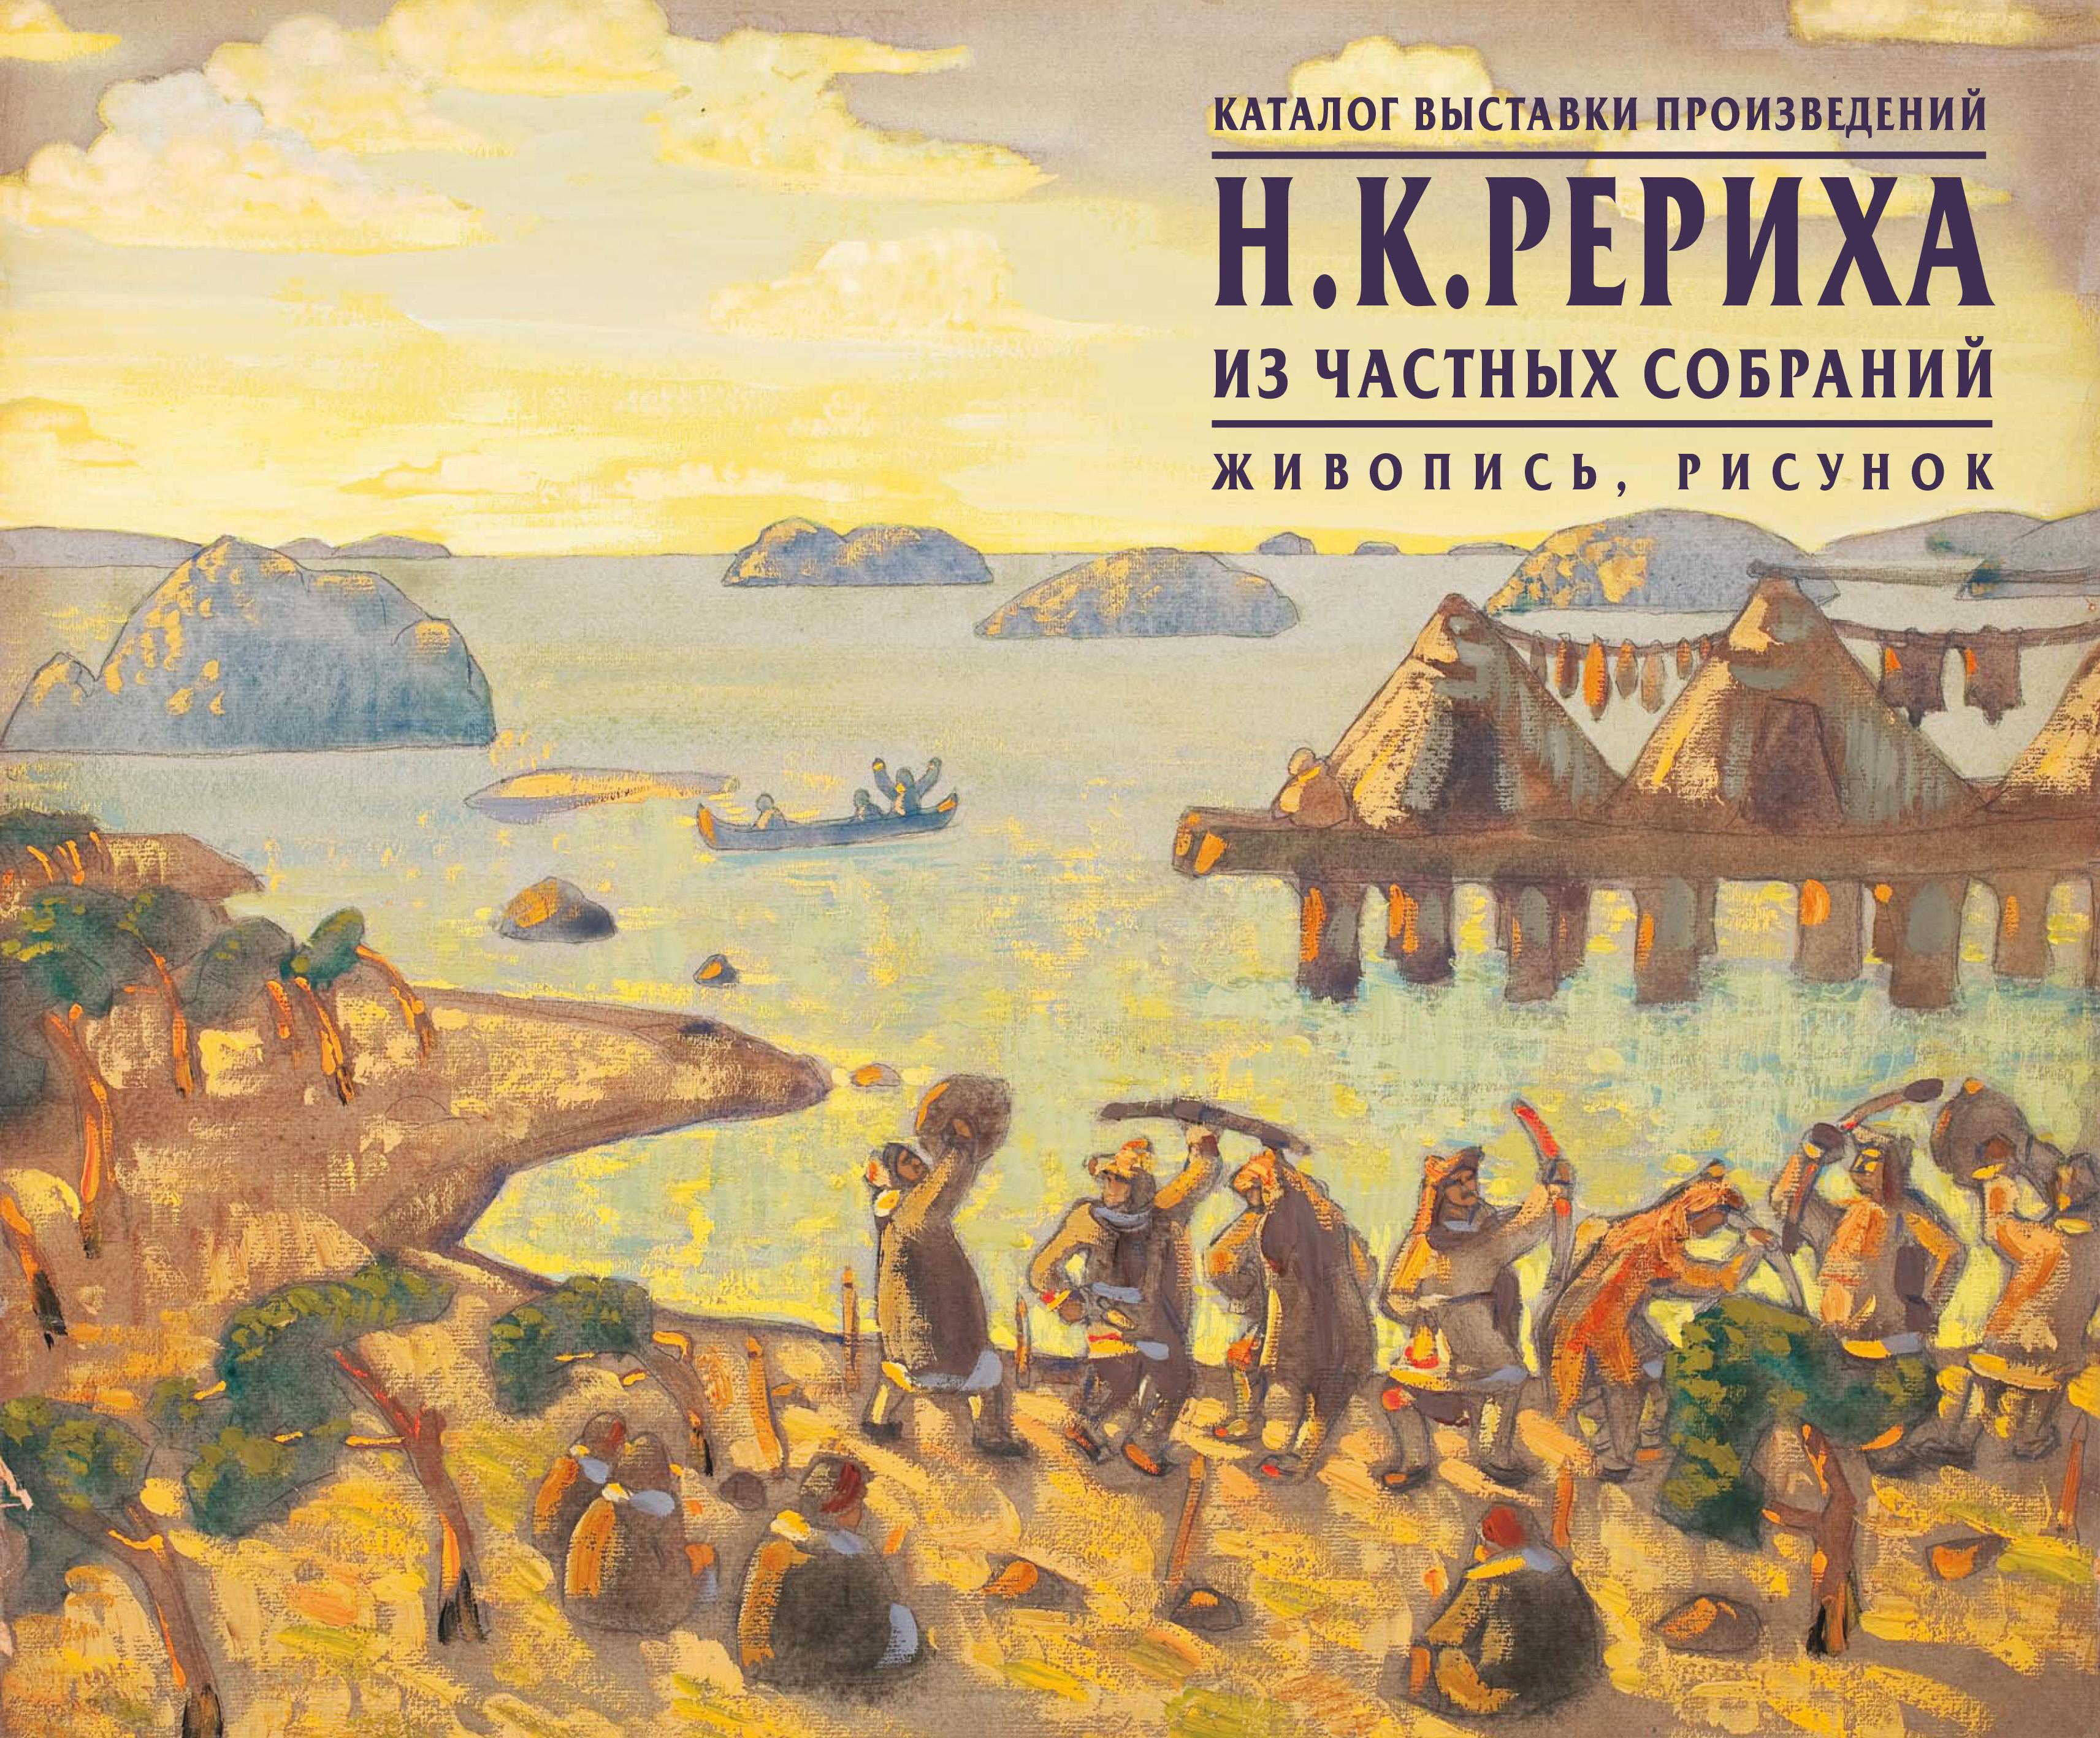 Каталог выставки произведений Н.К.Рериха из частных собраний. Живопись, рисунок